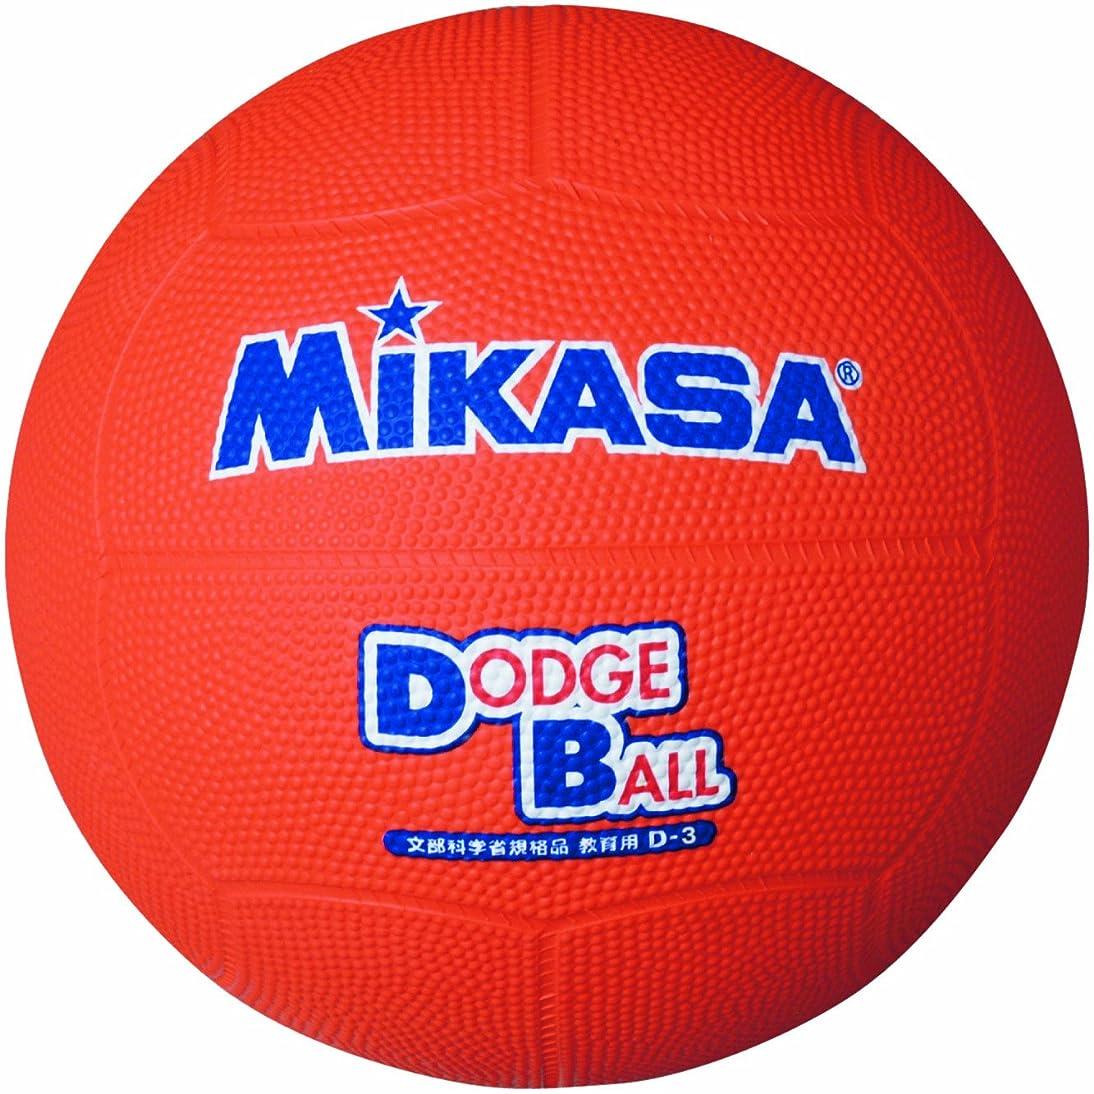 バルコニー調停するもう一度ミカサ 教育用ドッジボール2号 オレンジ 小学校用 D2 O